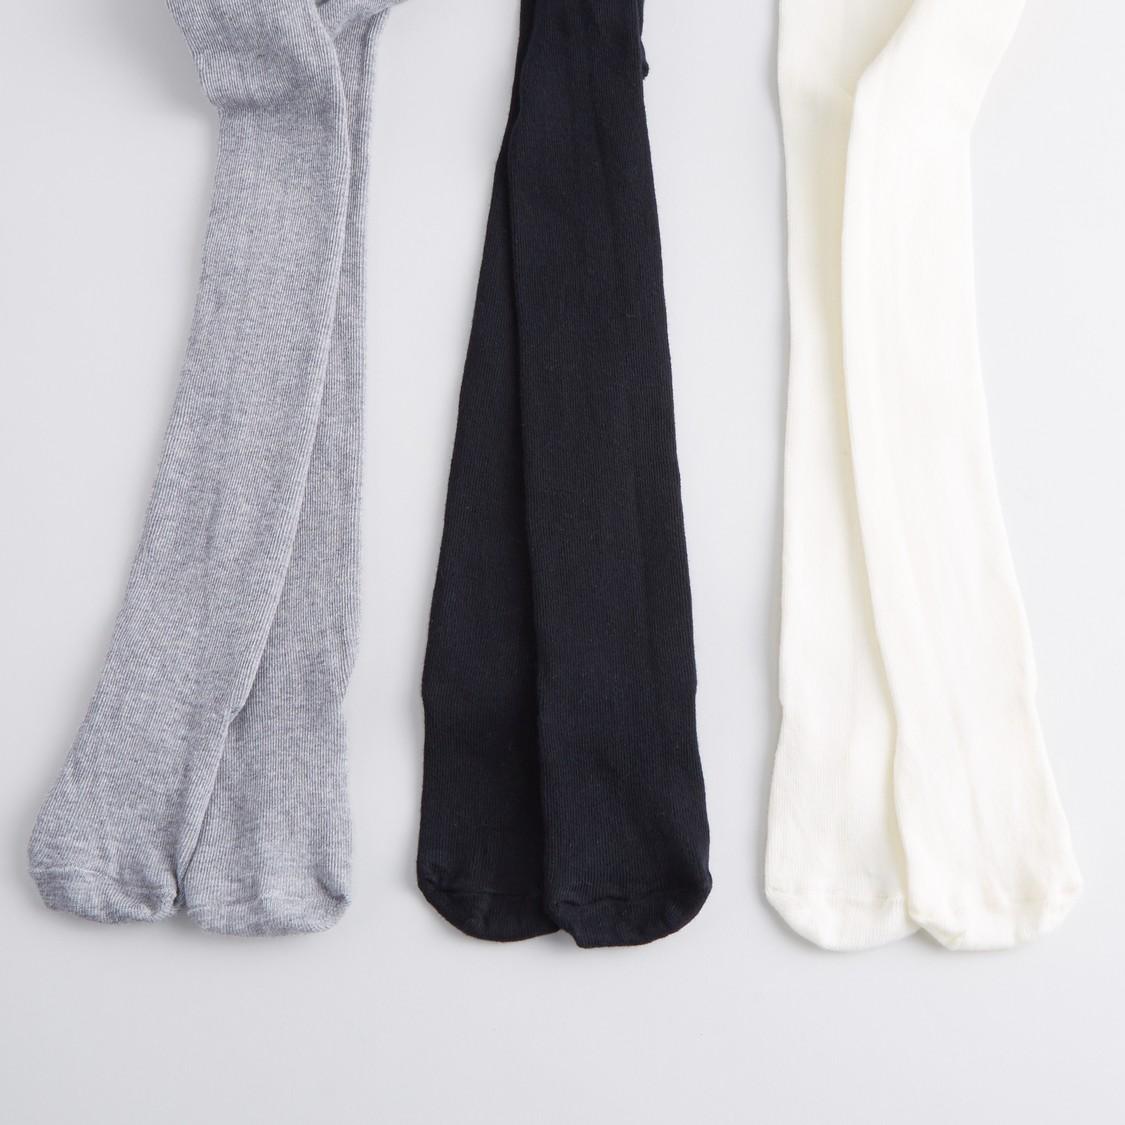 Set of 3 - Full Length Plain Tights